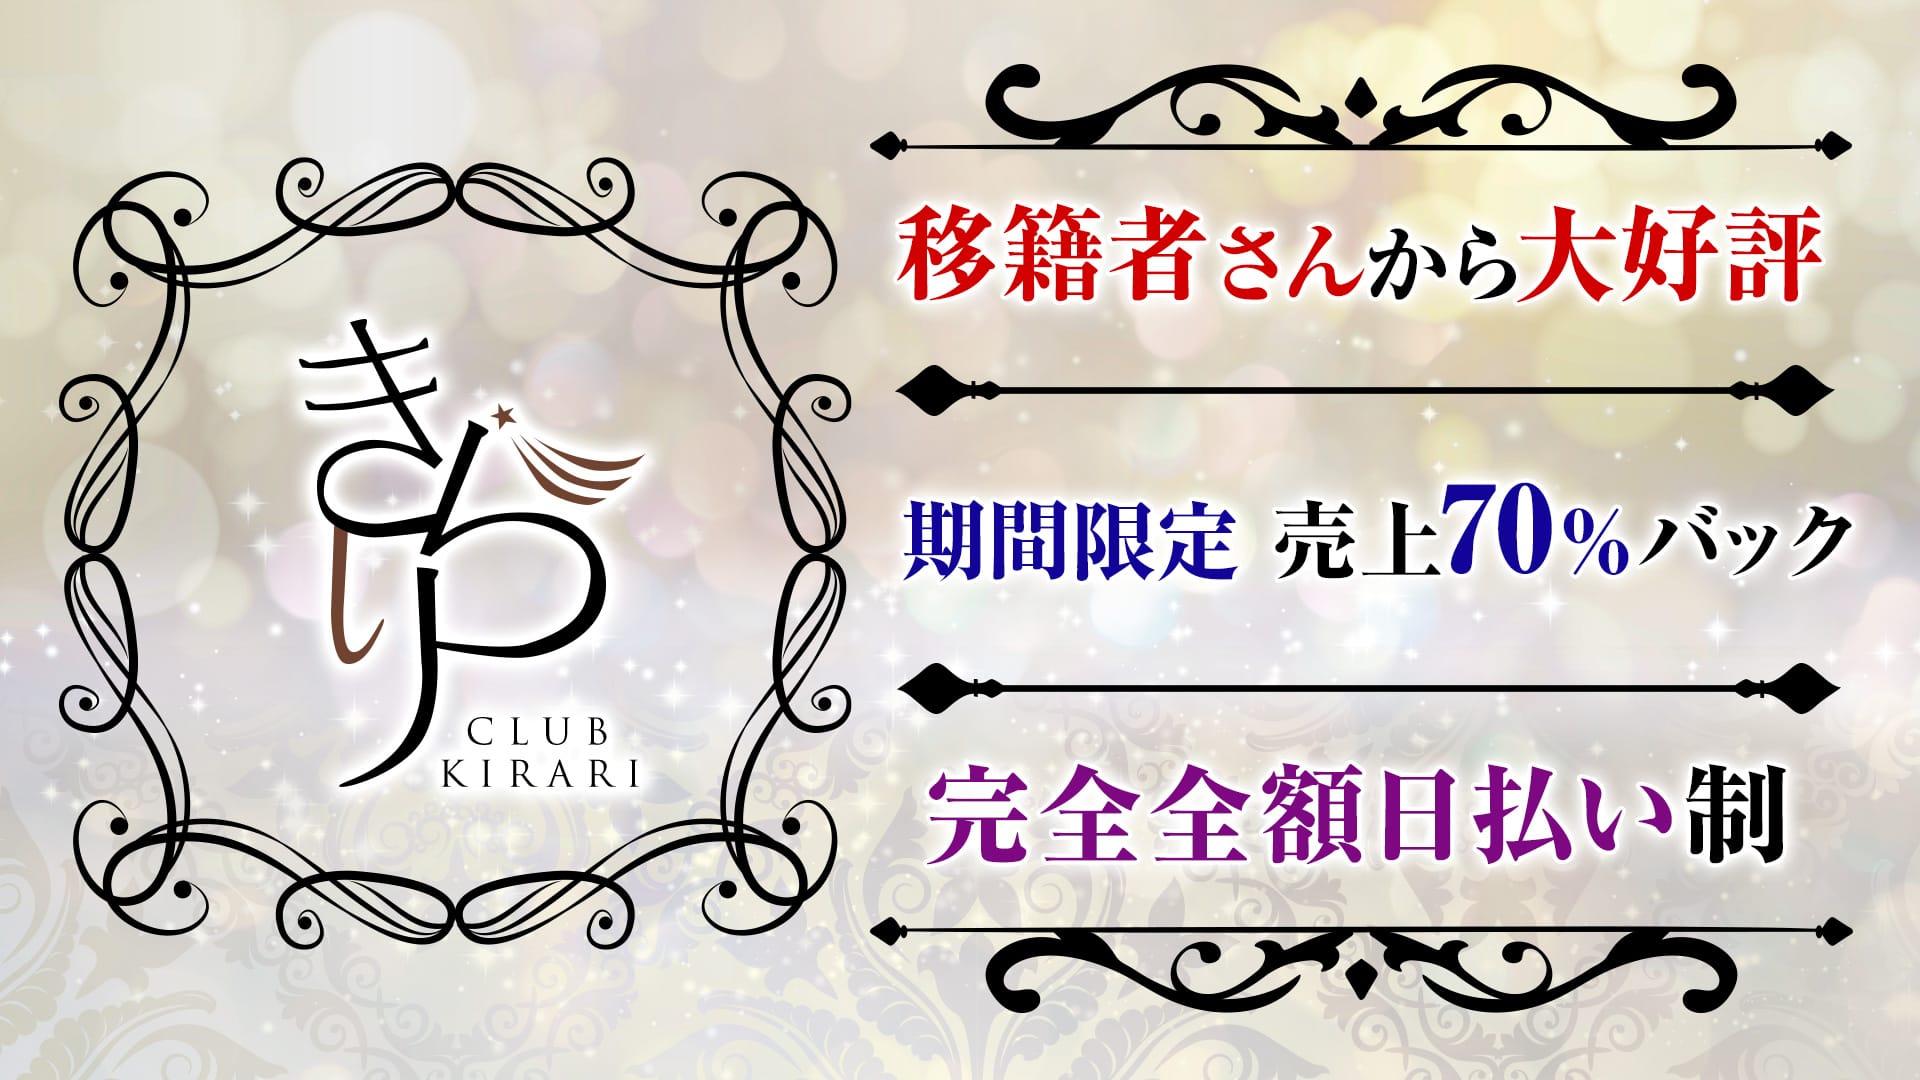 きらり【公式求人・体入情報】 中洲クラブ TOP画像